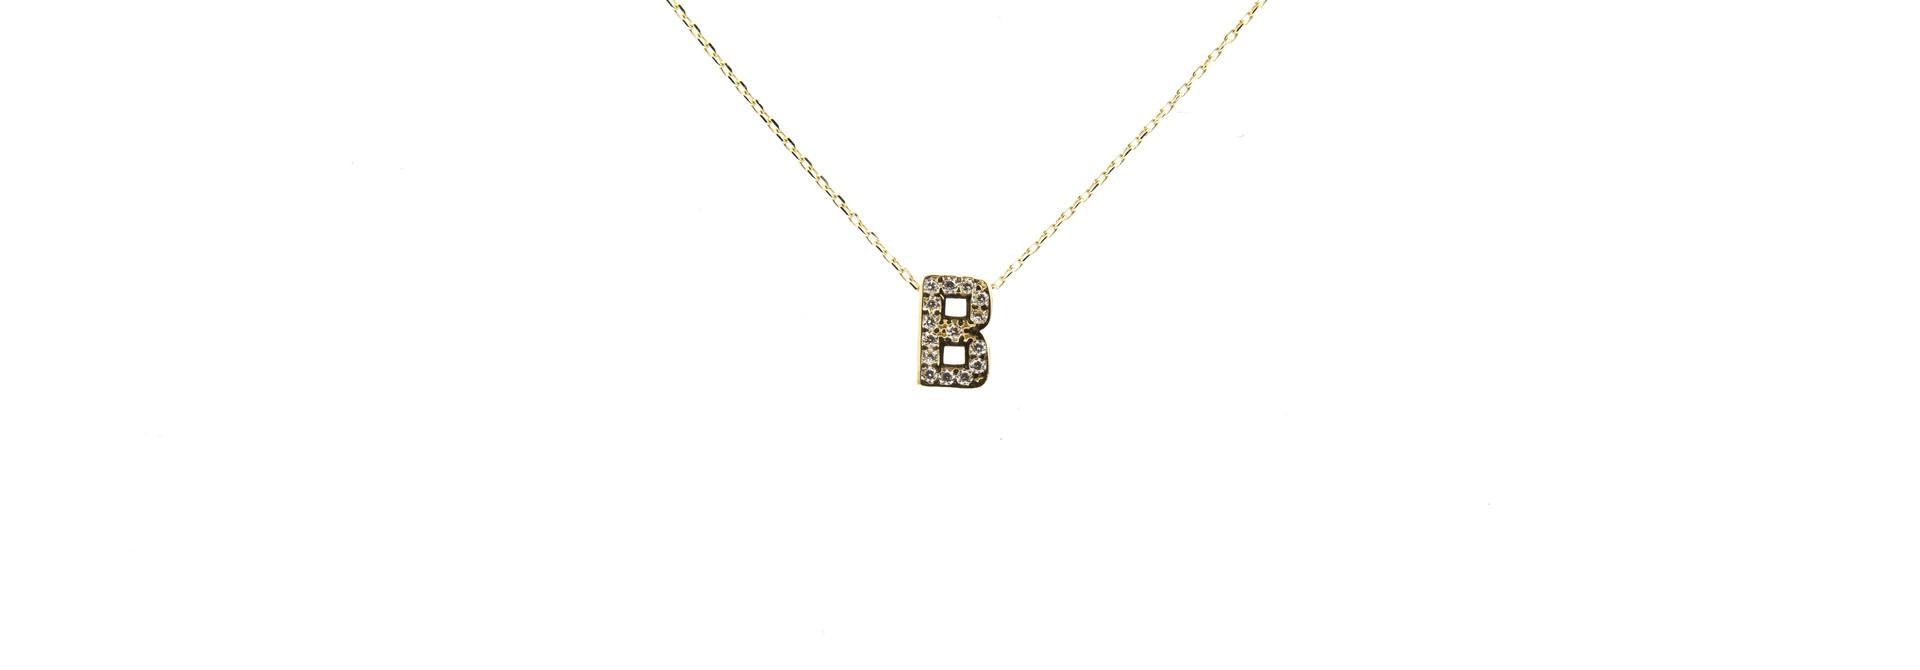 Ketting met vaste hanger letter B met zirkonia's